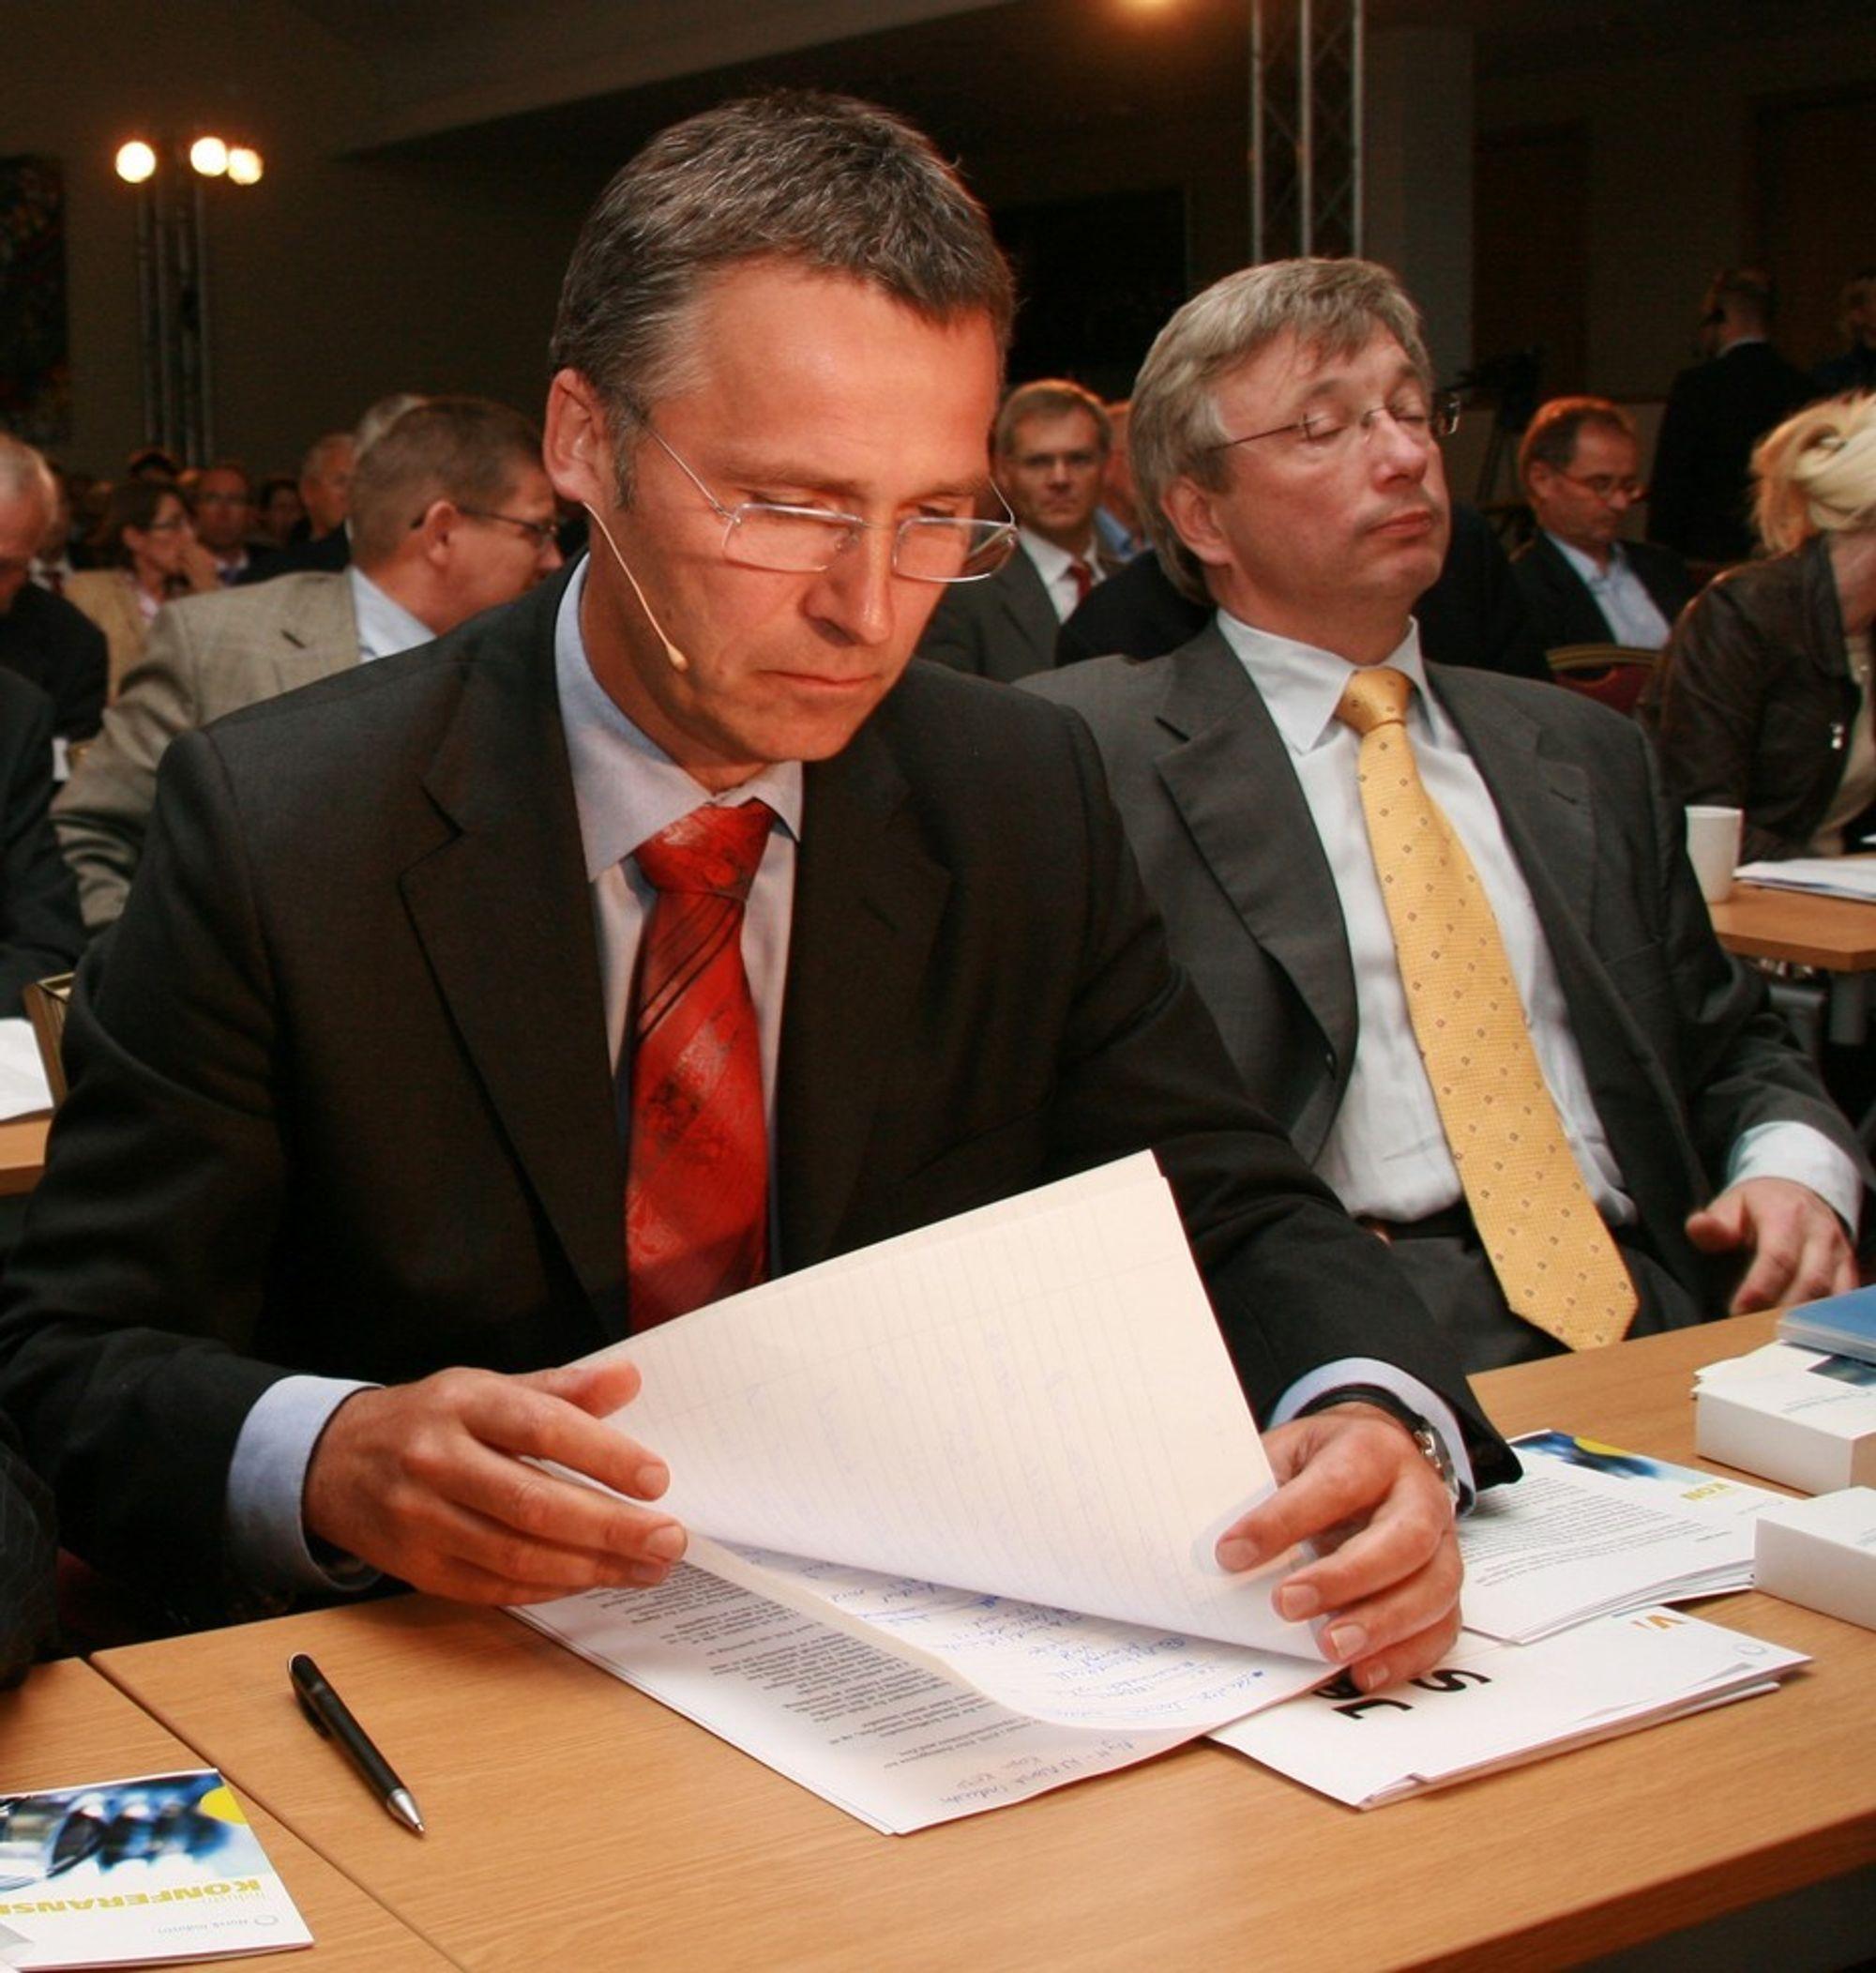 VIL HEVE LØNNA: Utenlandske arbeidstakere bør ikke få lavere lønn enn norske kolleger. Risikoen er at norske velgere ikke lenger støtter fri flyt av arbeidskraft, noe som vil ramme industrien, argumenterer statsminister Jens Stoltenberg.